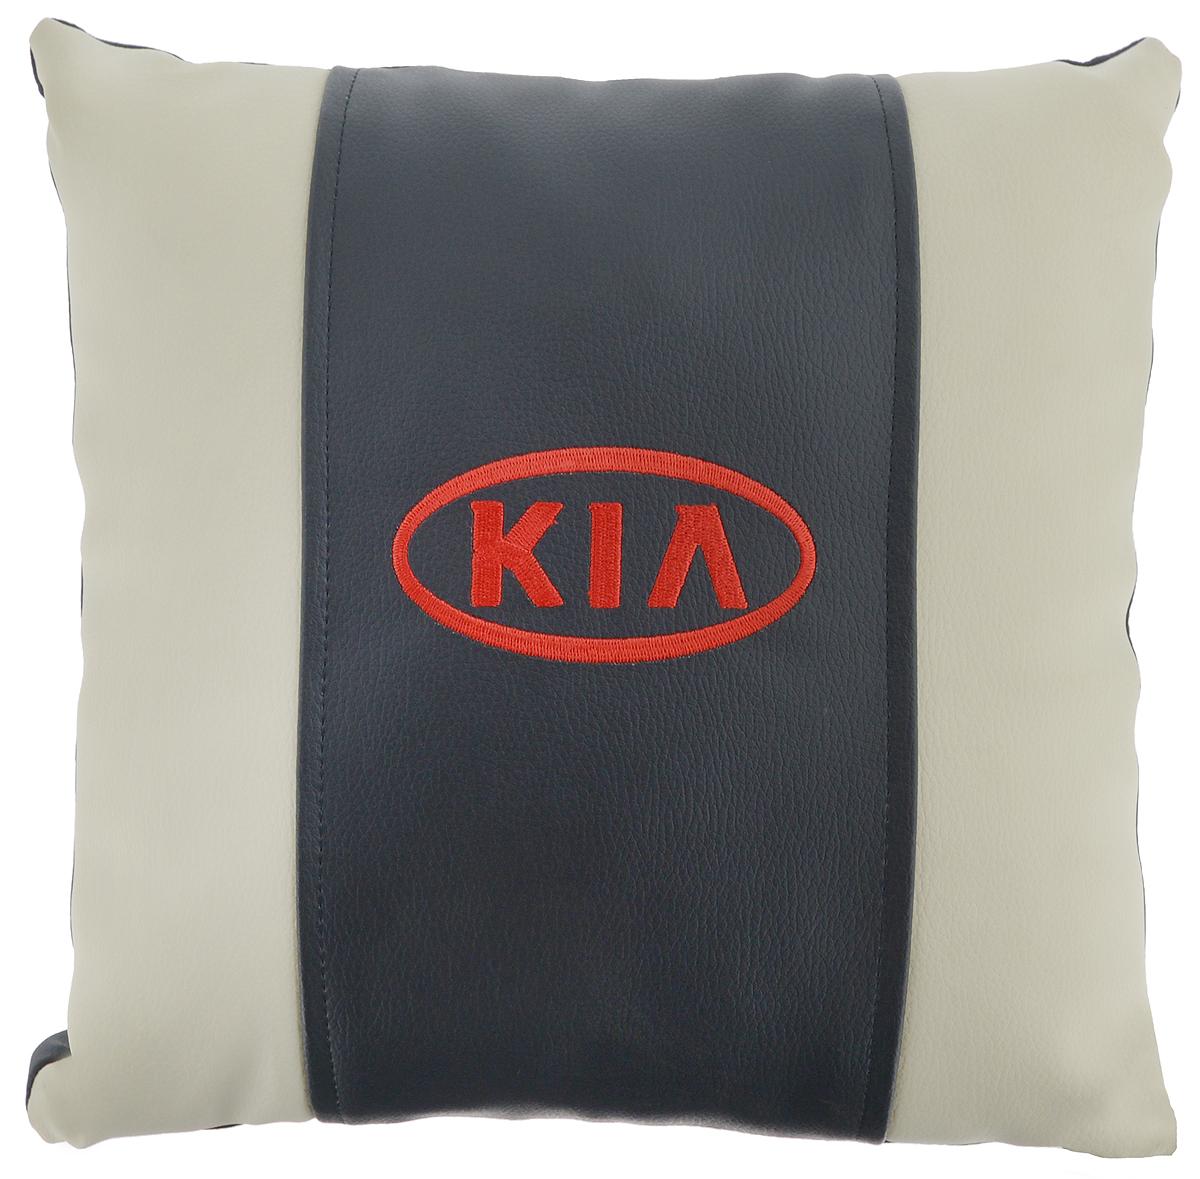 Подушка на сиденье Autoparts Kia, 30 х 30 смМ054Подушка на сиденье Autoparts Kia создана для тех, кто весь свой день вынужден проводить за рулем. Чехол выполнен из высококачественной дышащей экокожи. Наполнителем служит холлофайбер. На задней части подушки имеется змейка. Особенности подушки: - Хорошо проветривается. - Предупреждает потение. - Поддерживает комфортную температуру. - Обминается по форме тела. - Улучшает кровообращение. - Исключает затечные явления. - Предупреждает развитие заболеваний, связанных с сидячим образом жизни. Подушка также будет полезна и дома - при работе за компьютером, школьникам - при выполнении домашних работ, да и в любимом кресле перед телевизором.